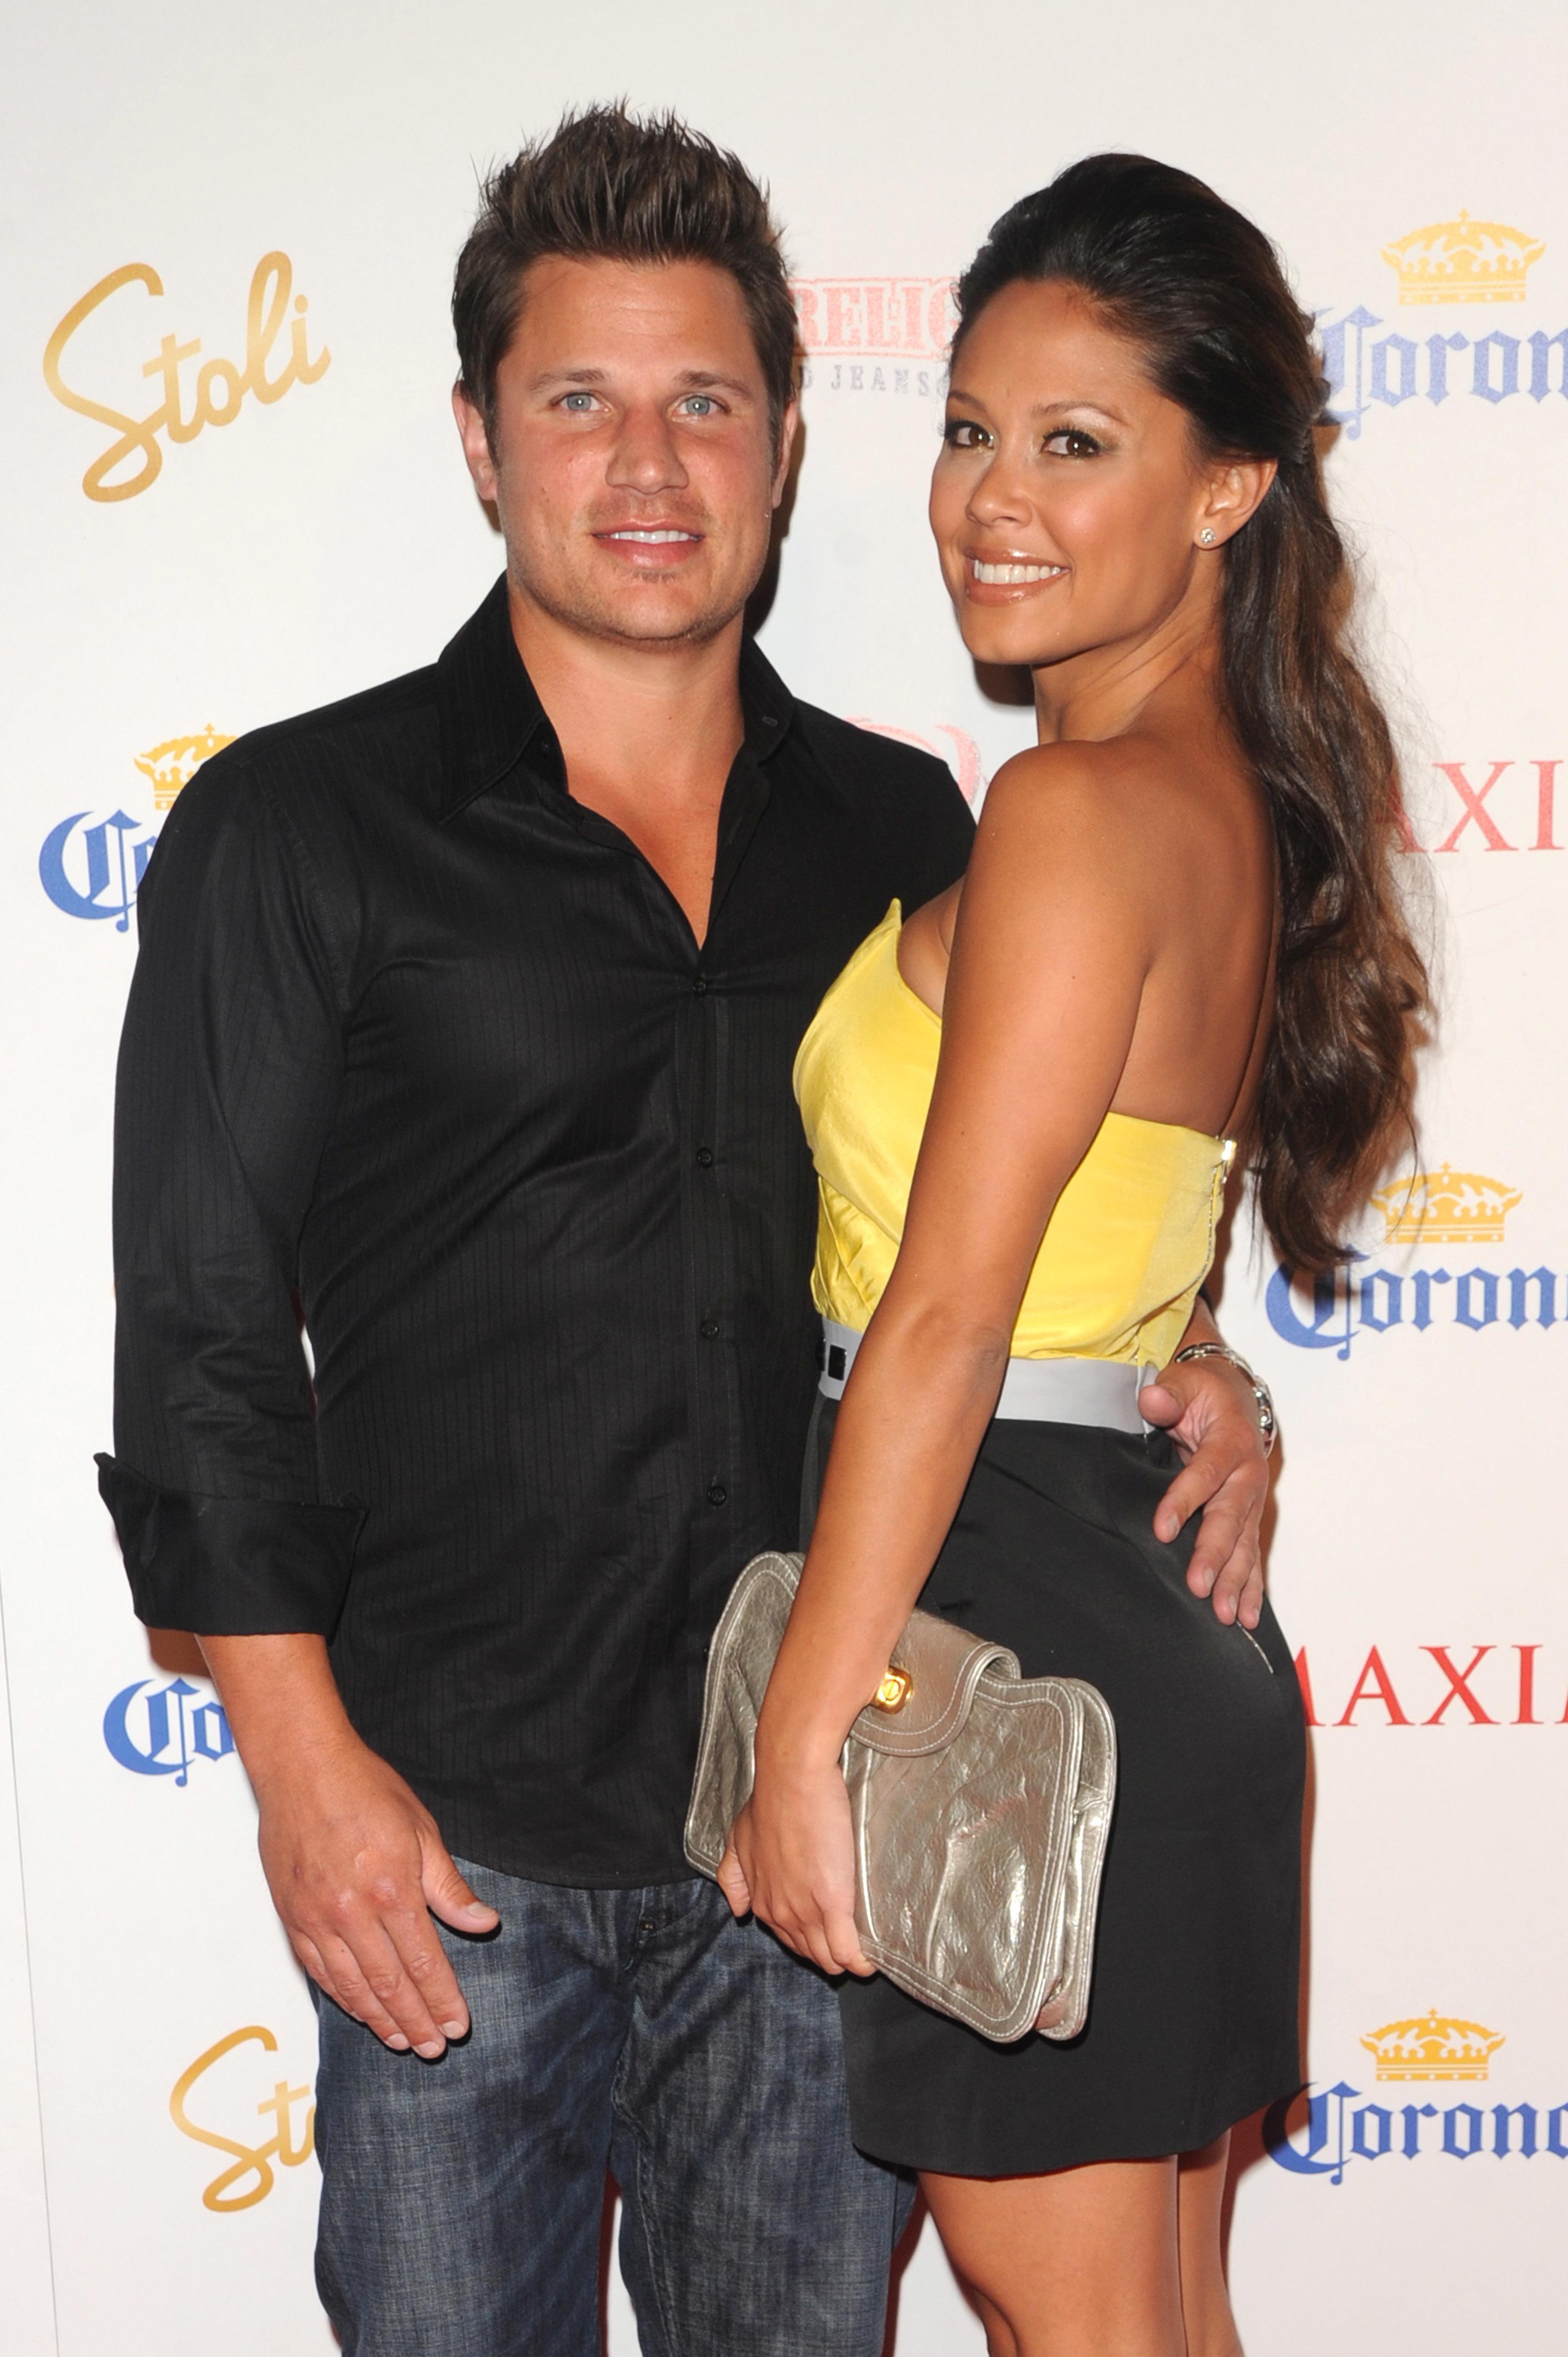 Lachey_Sd3244507 Nick Lachey and Vanessa Minillo